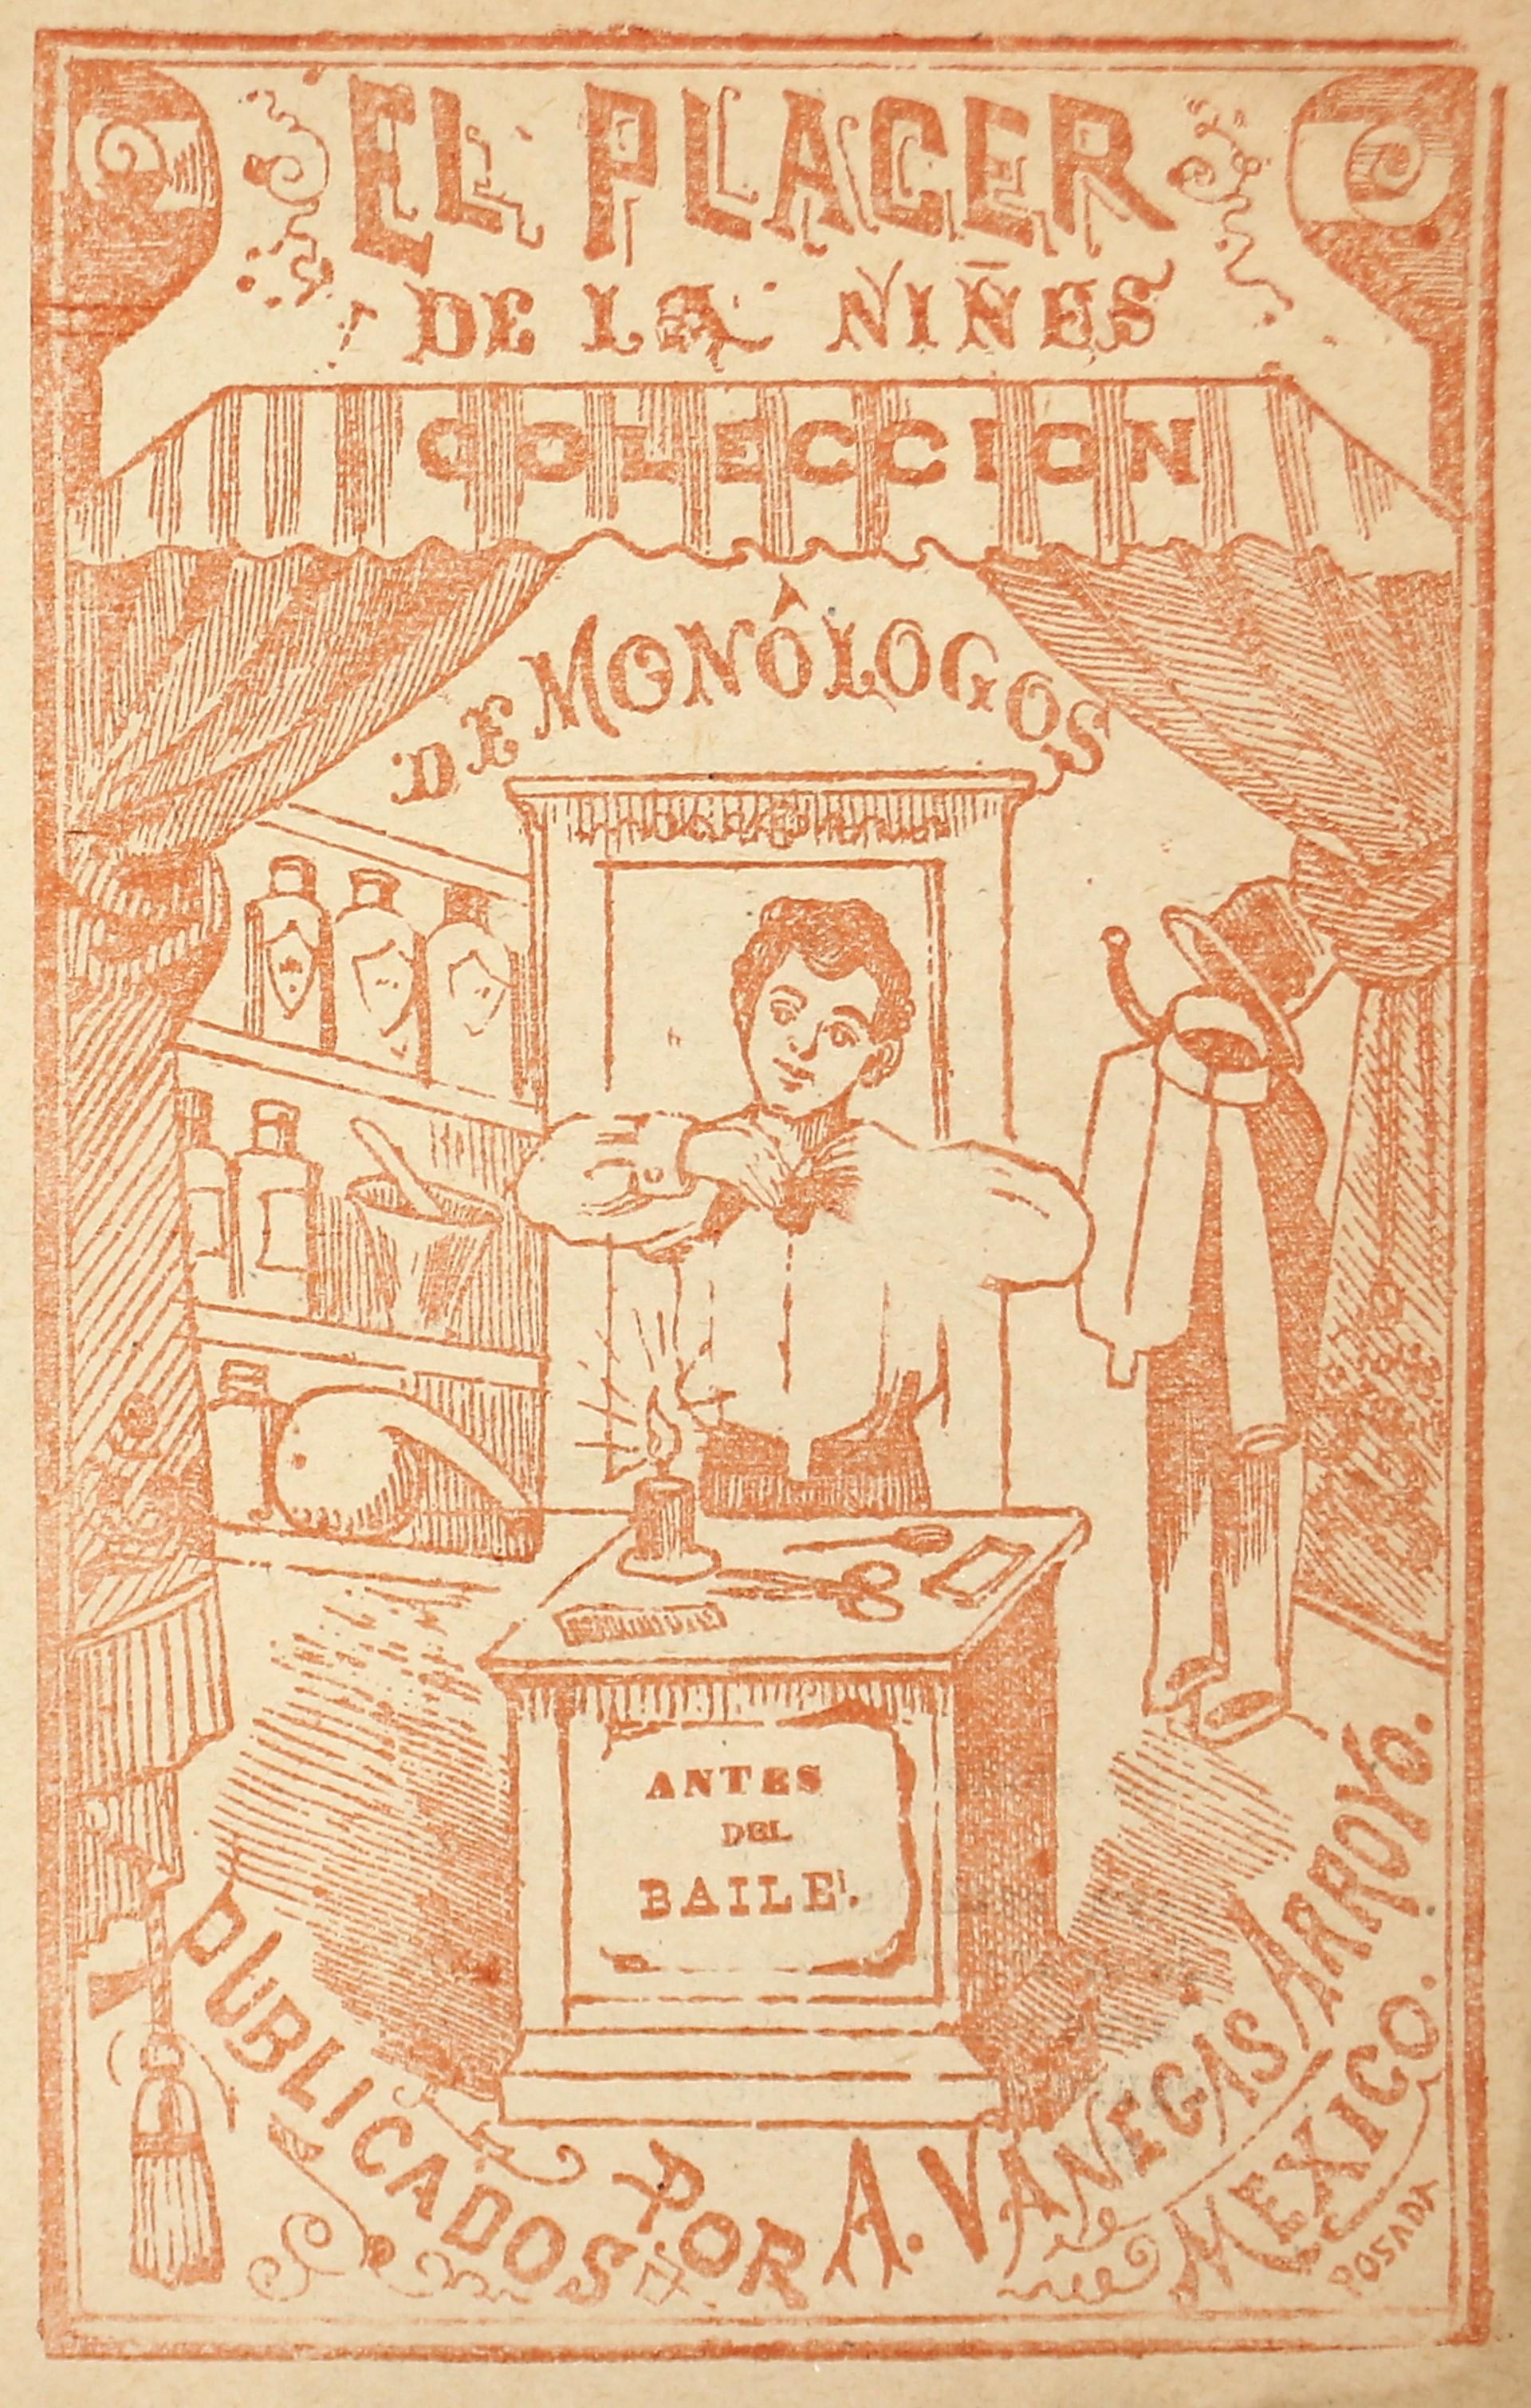 El Placer de la Ninos. Coleccion de Monologos. Antes del Baile. by José Guadalupe Posada (1852 - 1913)